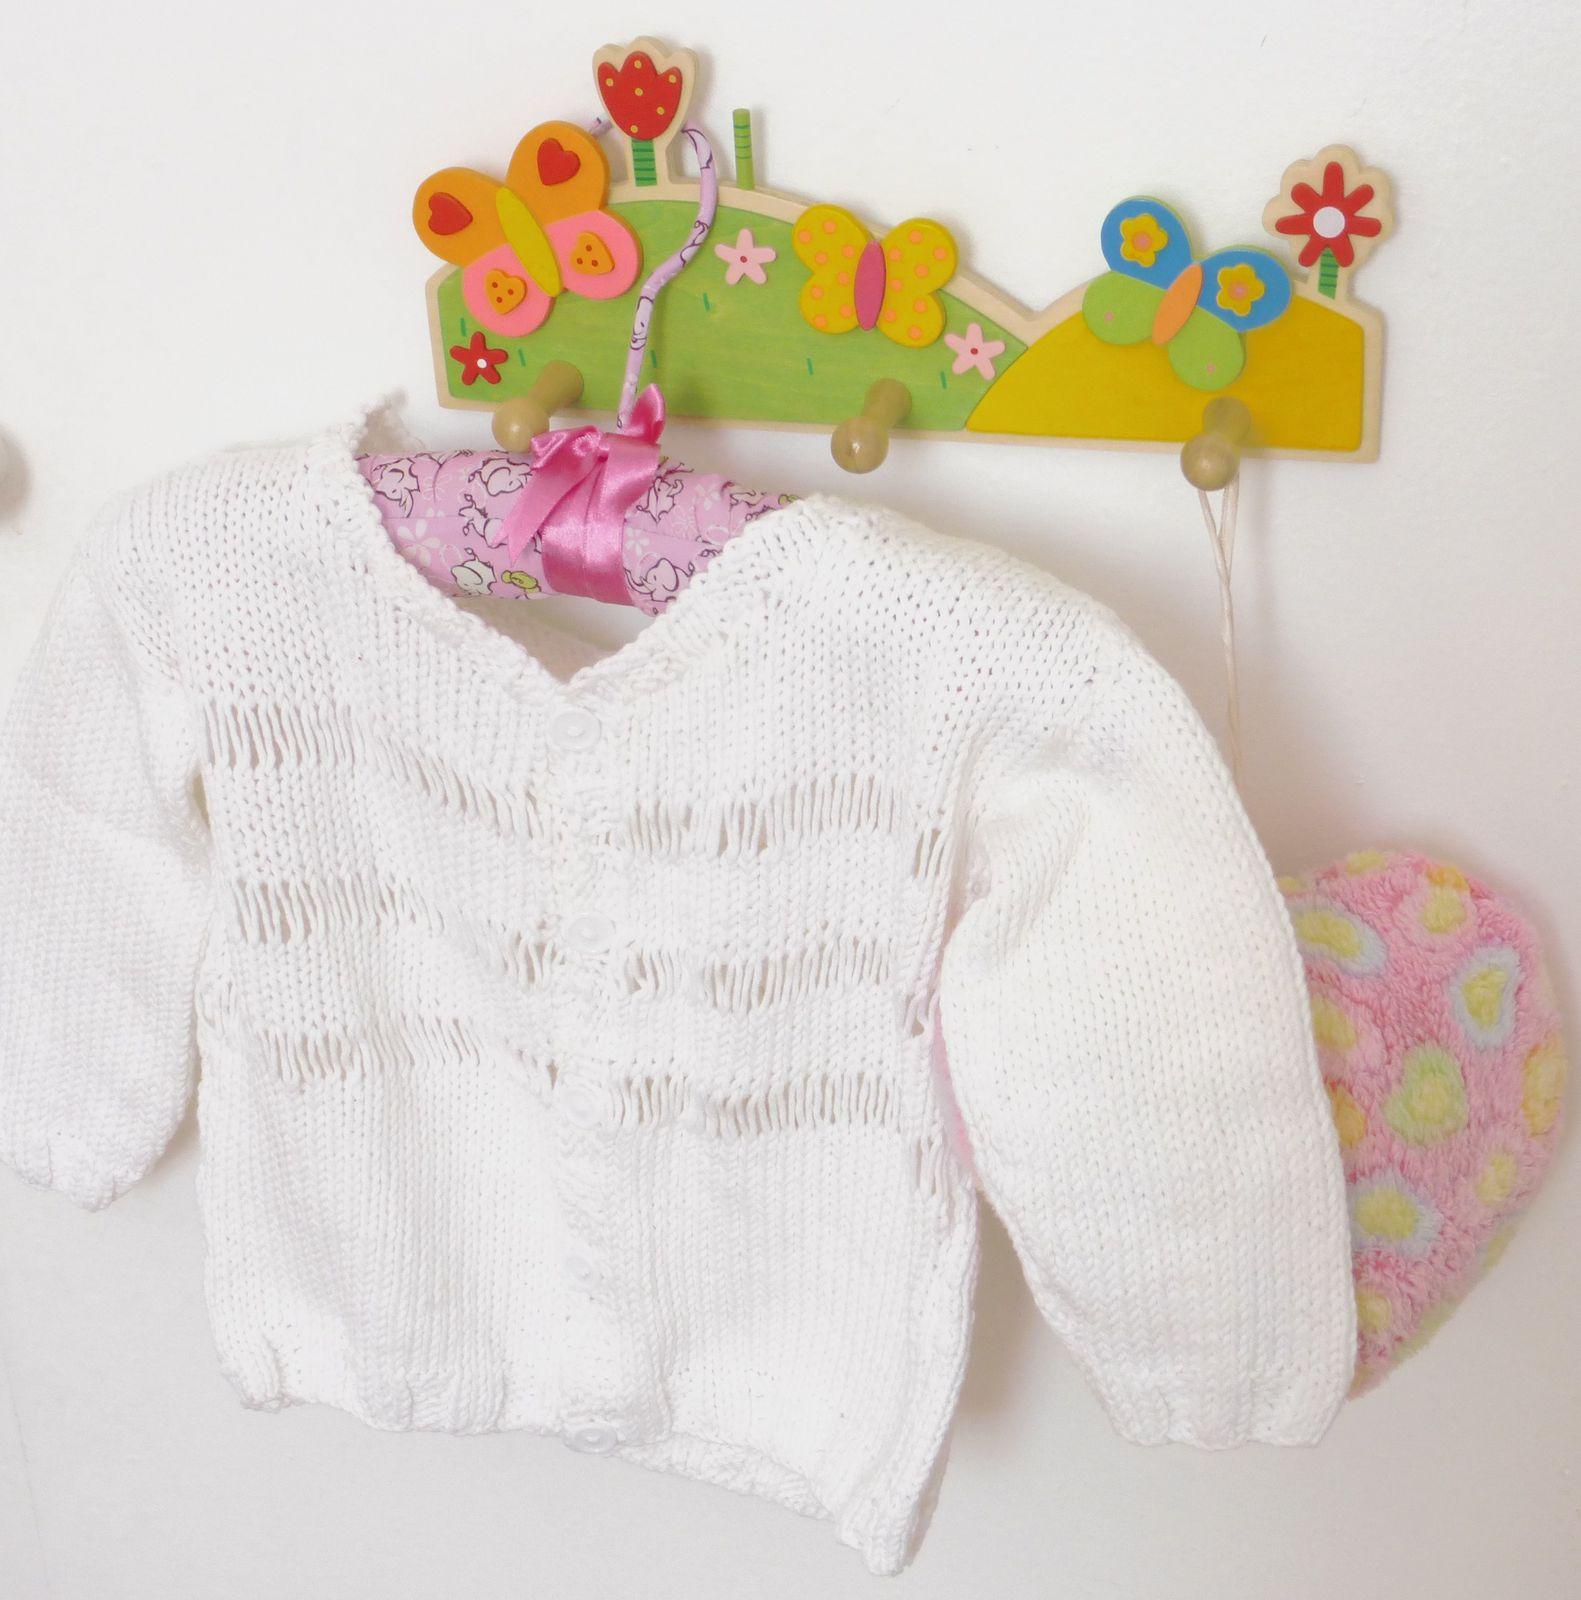 Gilet tricoté par mes soins pour ma fille, porte manteau Ikéa, cintre NaRaYa marque thaïlandaise je suppose introuvable en France (cadeau de tonton) (pour ceux que ça intéressent, on trouve tout de même des objets de cette marque sur ebay).